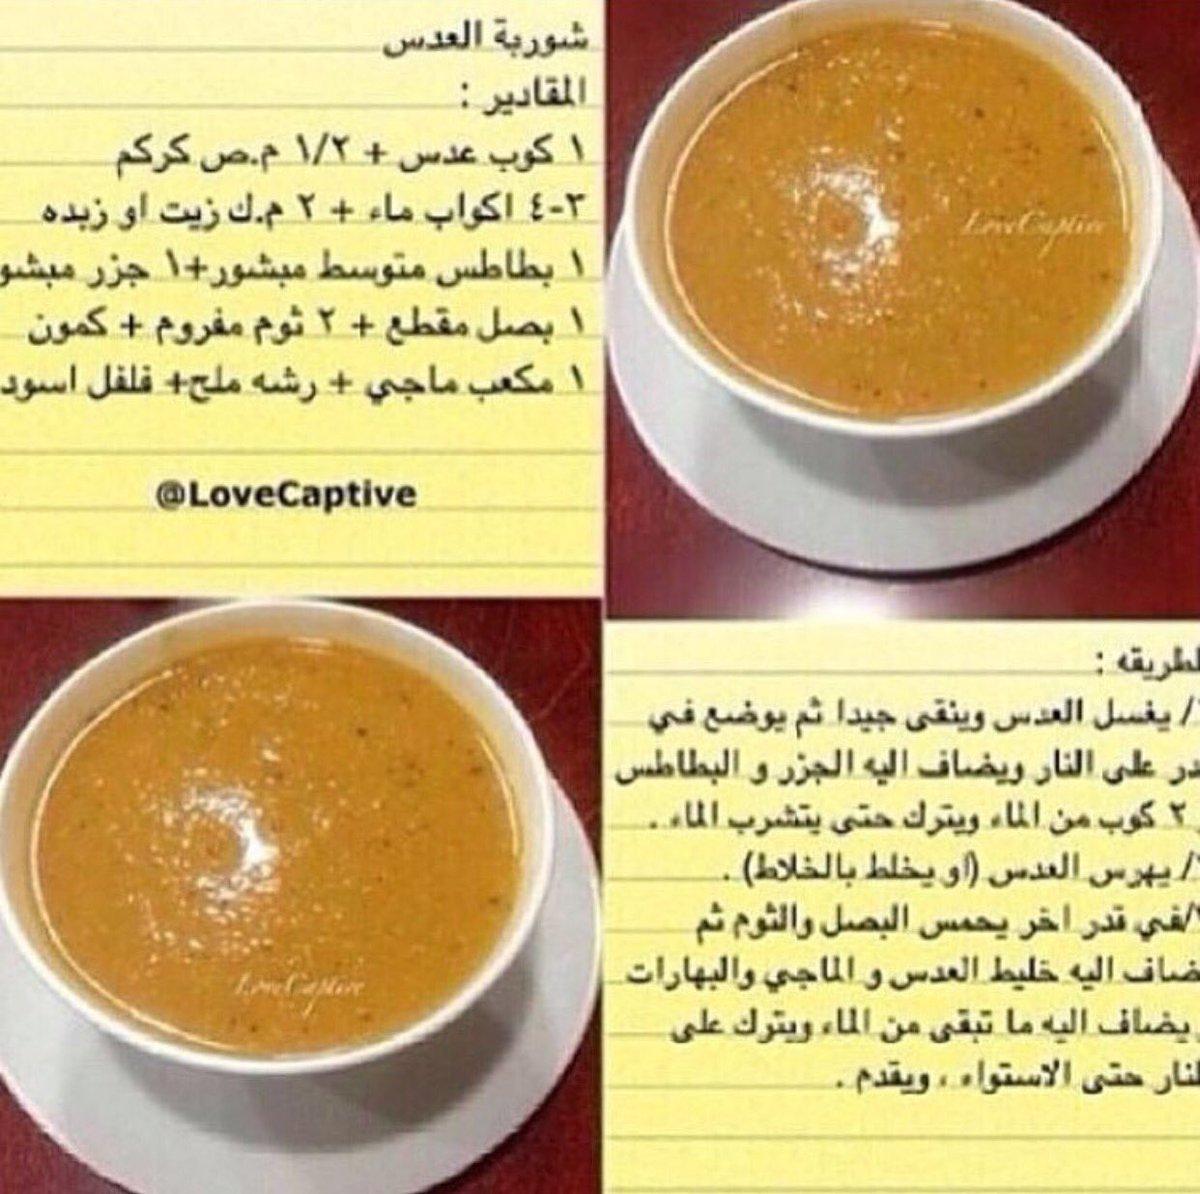 الجوهرة على تويتر اكلات رمضانيه حلا رمضان رمضانيات طبخ طبخات Reema6100 Ya8lbha Nourah Moha 111w